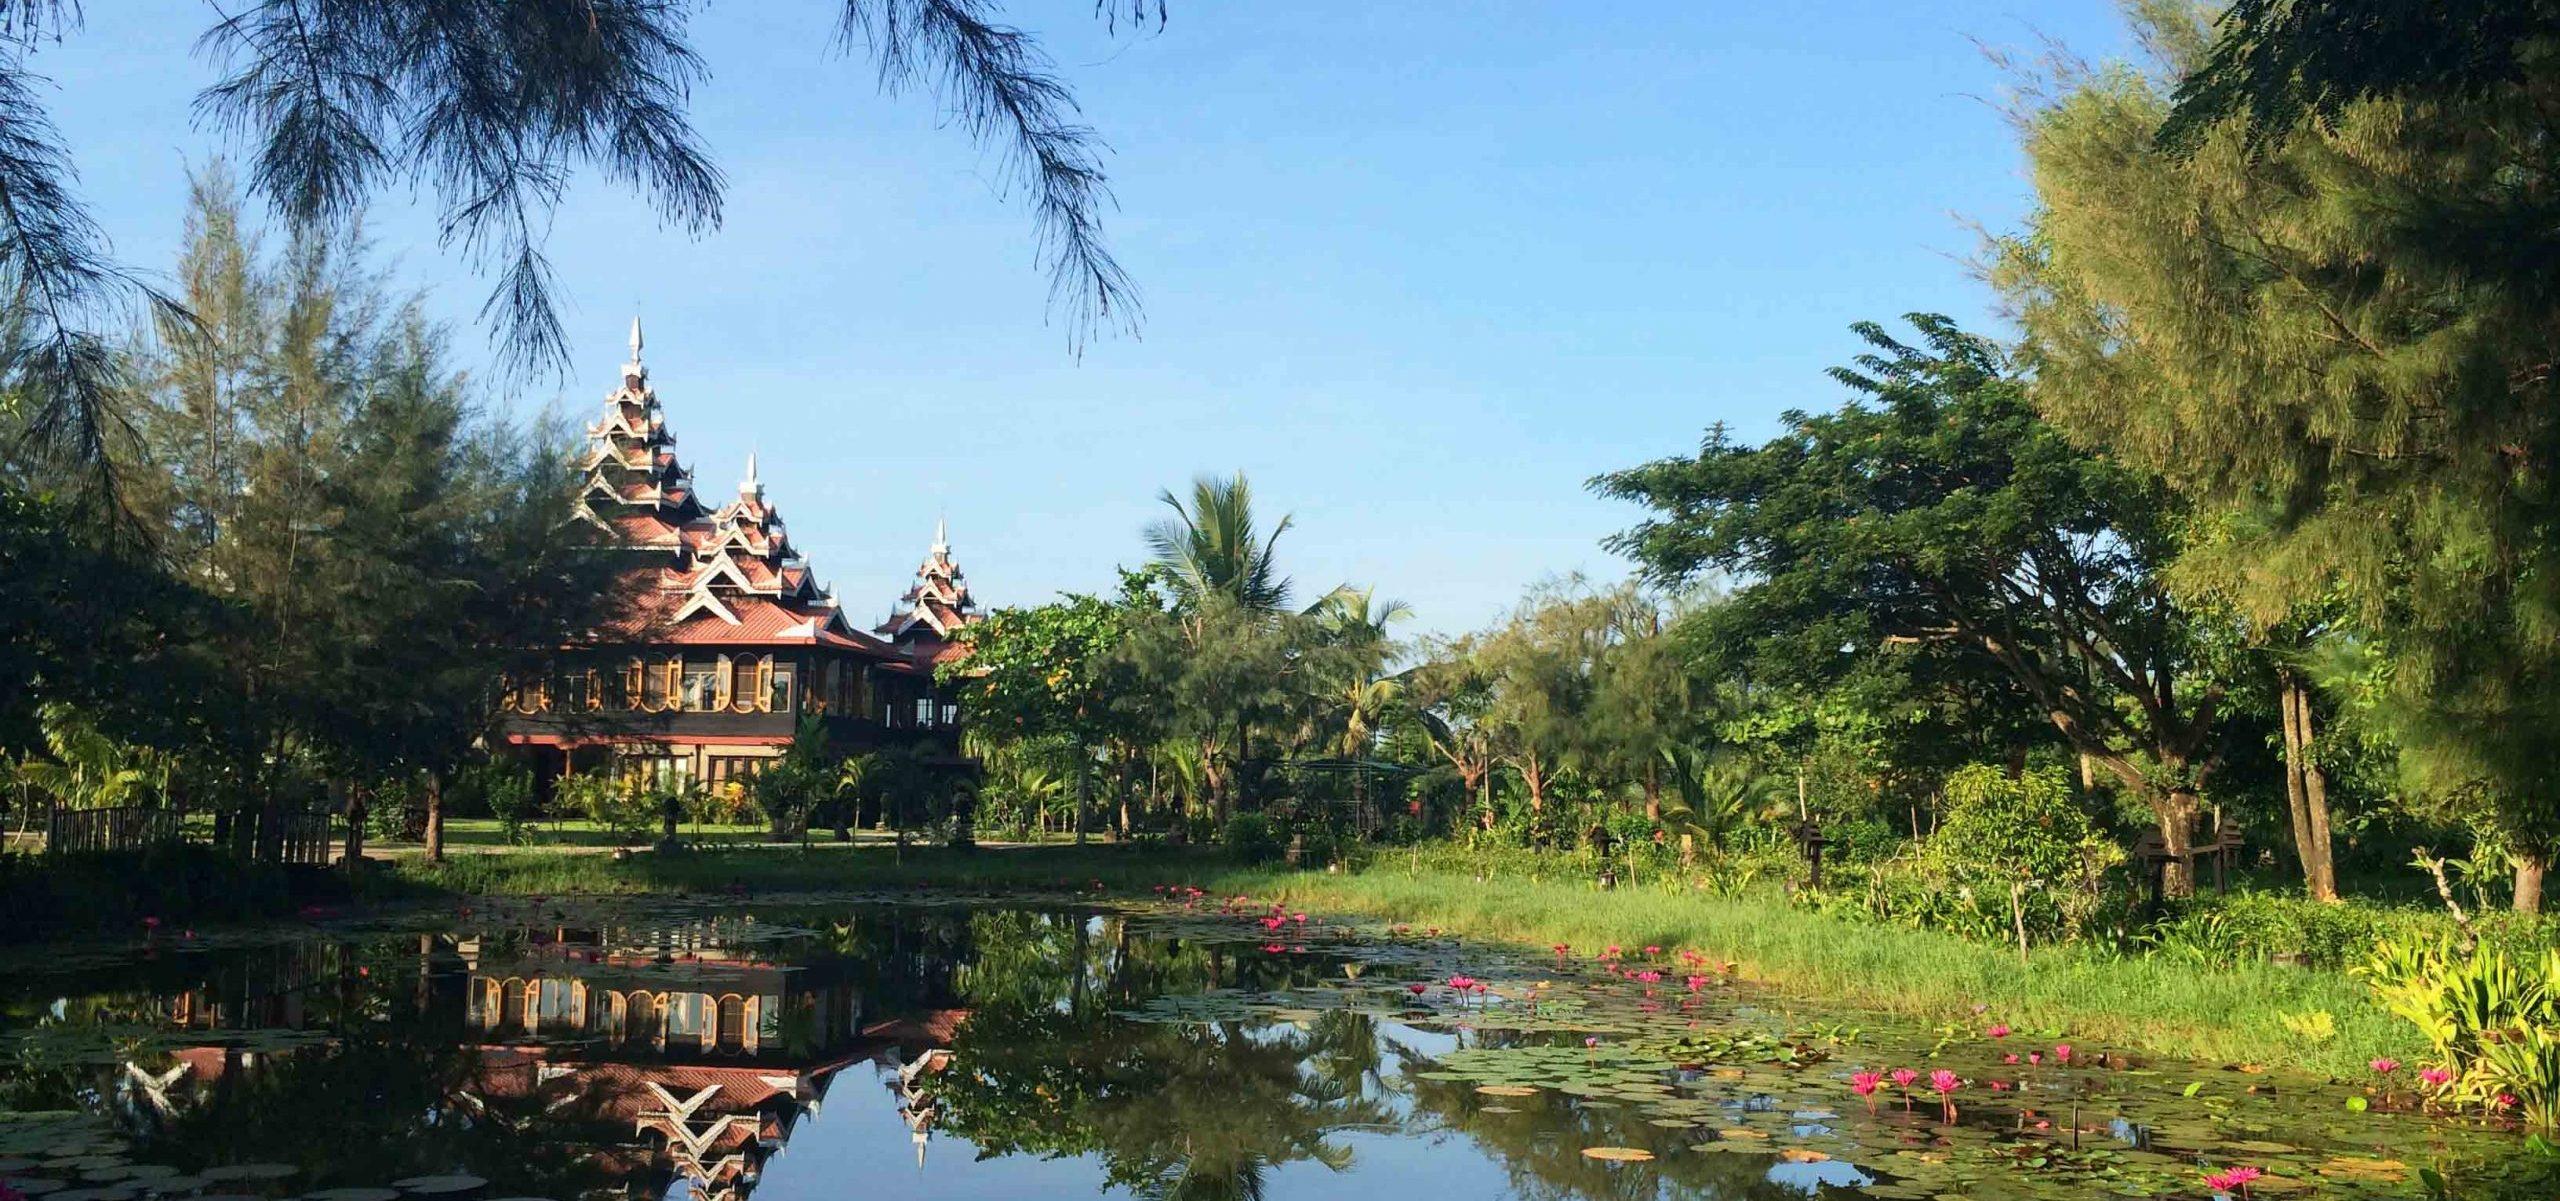 Myanmar_Mrauk U_Mrauk u Princess Resort